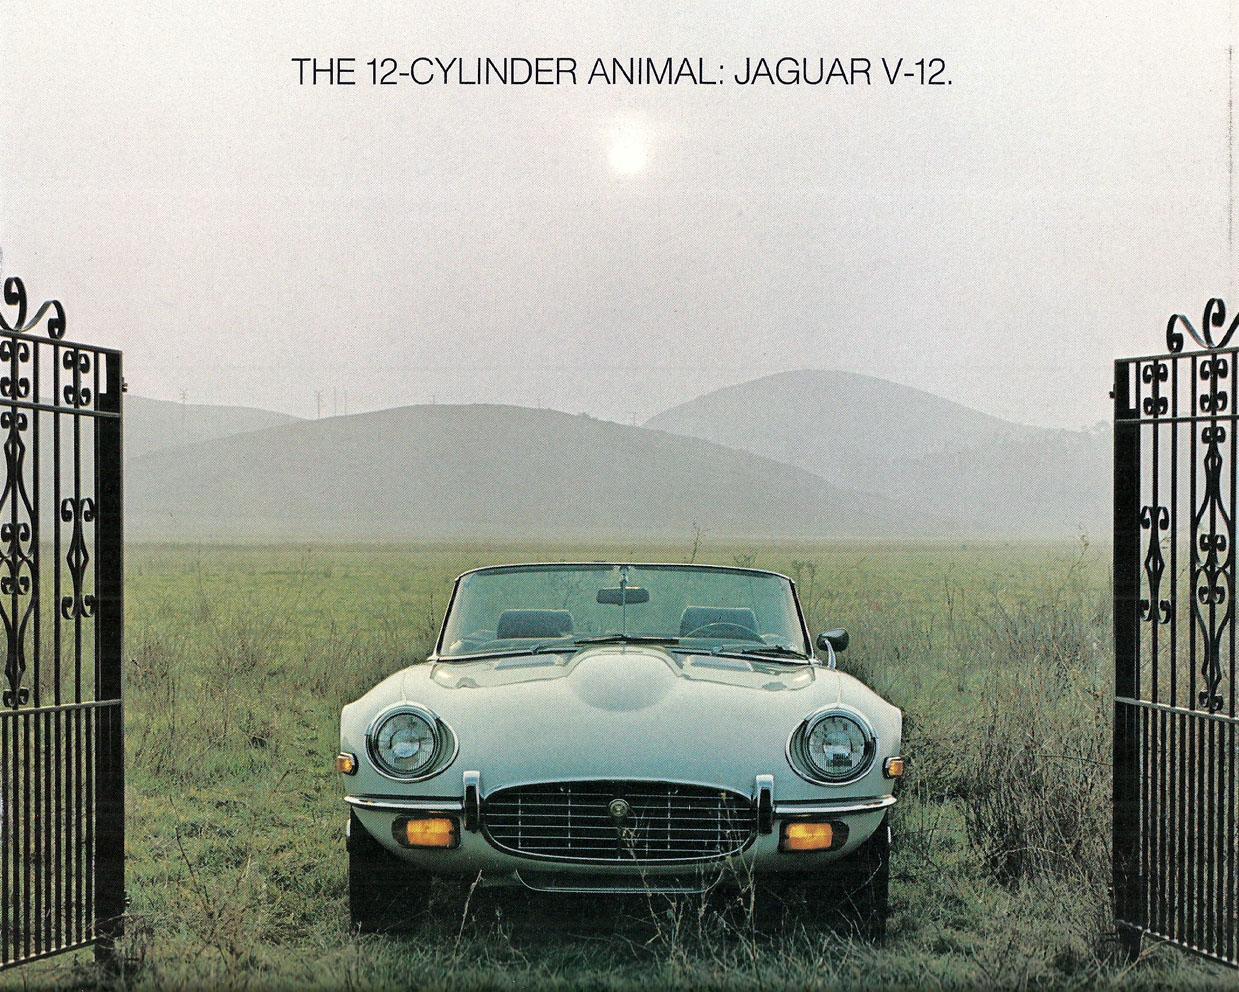 tunnelram.net_Jaguar xk-e V12 (24).jpg